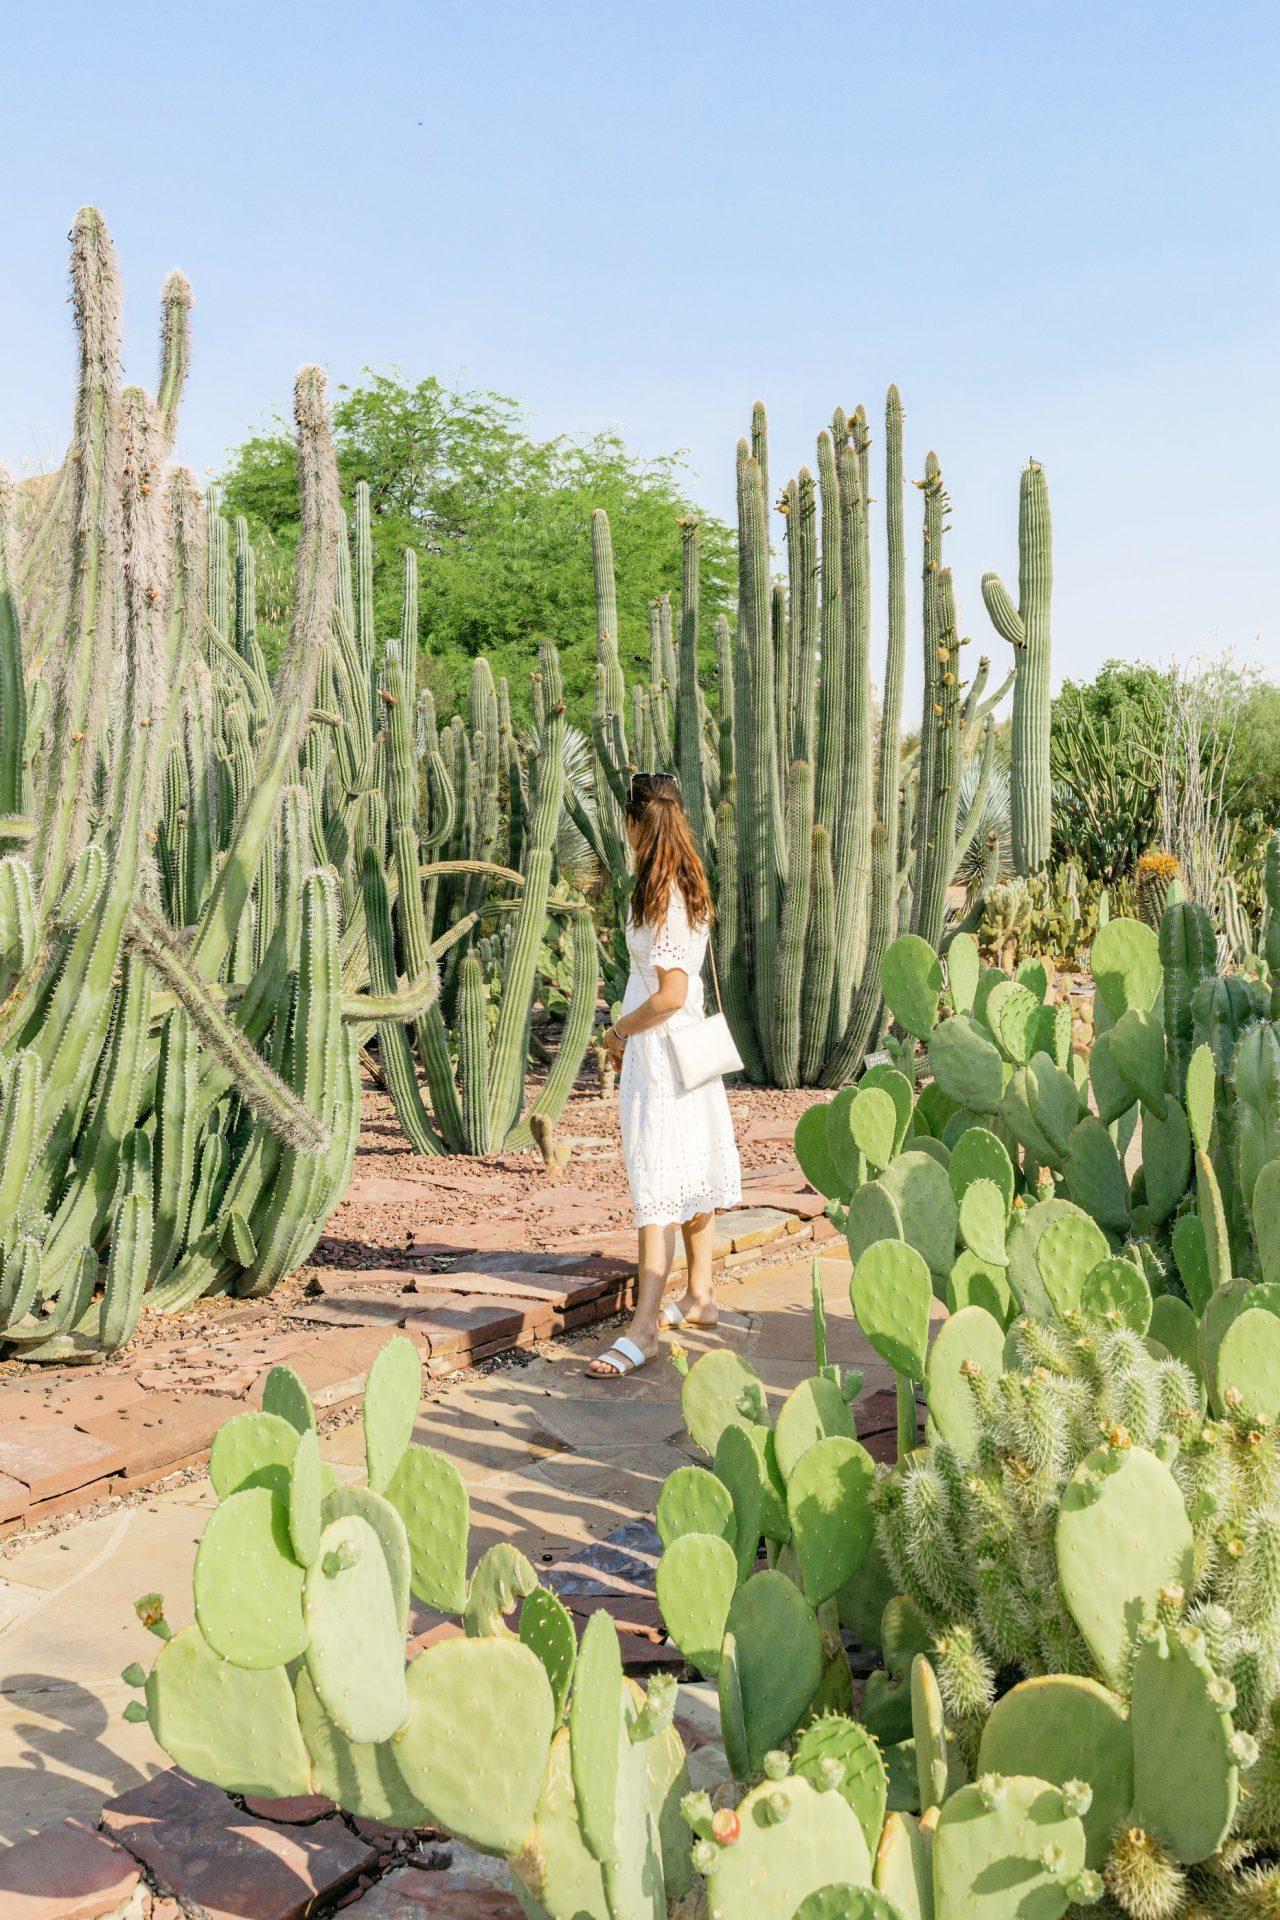 what to do in scottsdale Arizona, desert botanical gardens, botanical, cactus, scottsdale travel guide, travel to scottsdale, ultimate guide, scottsdale blogger, vacation